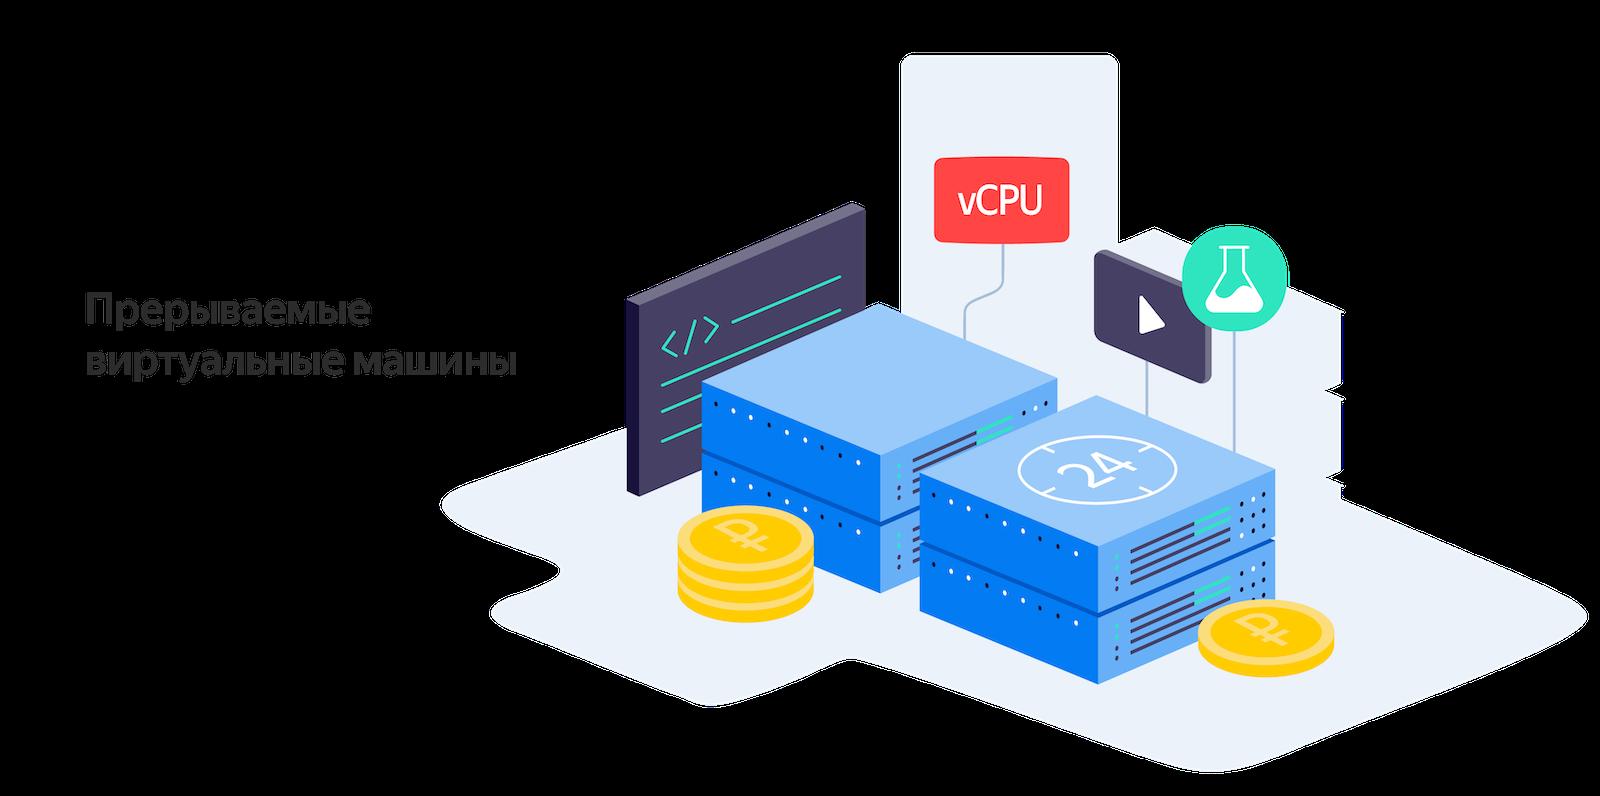 Как можно использовать прерываемые виртуальные машины Яндекс.Облака и экономить на решении масштабных задач - 1